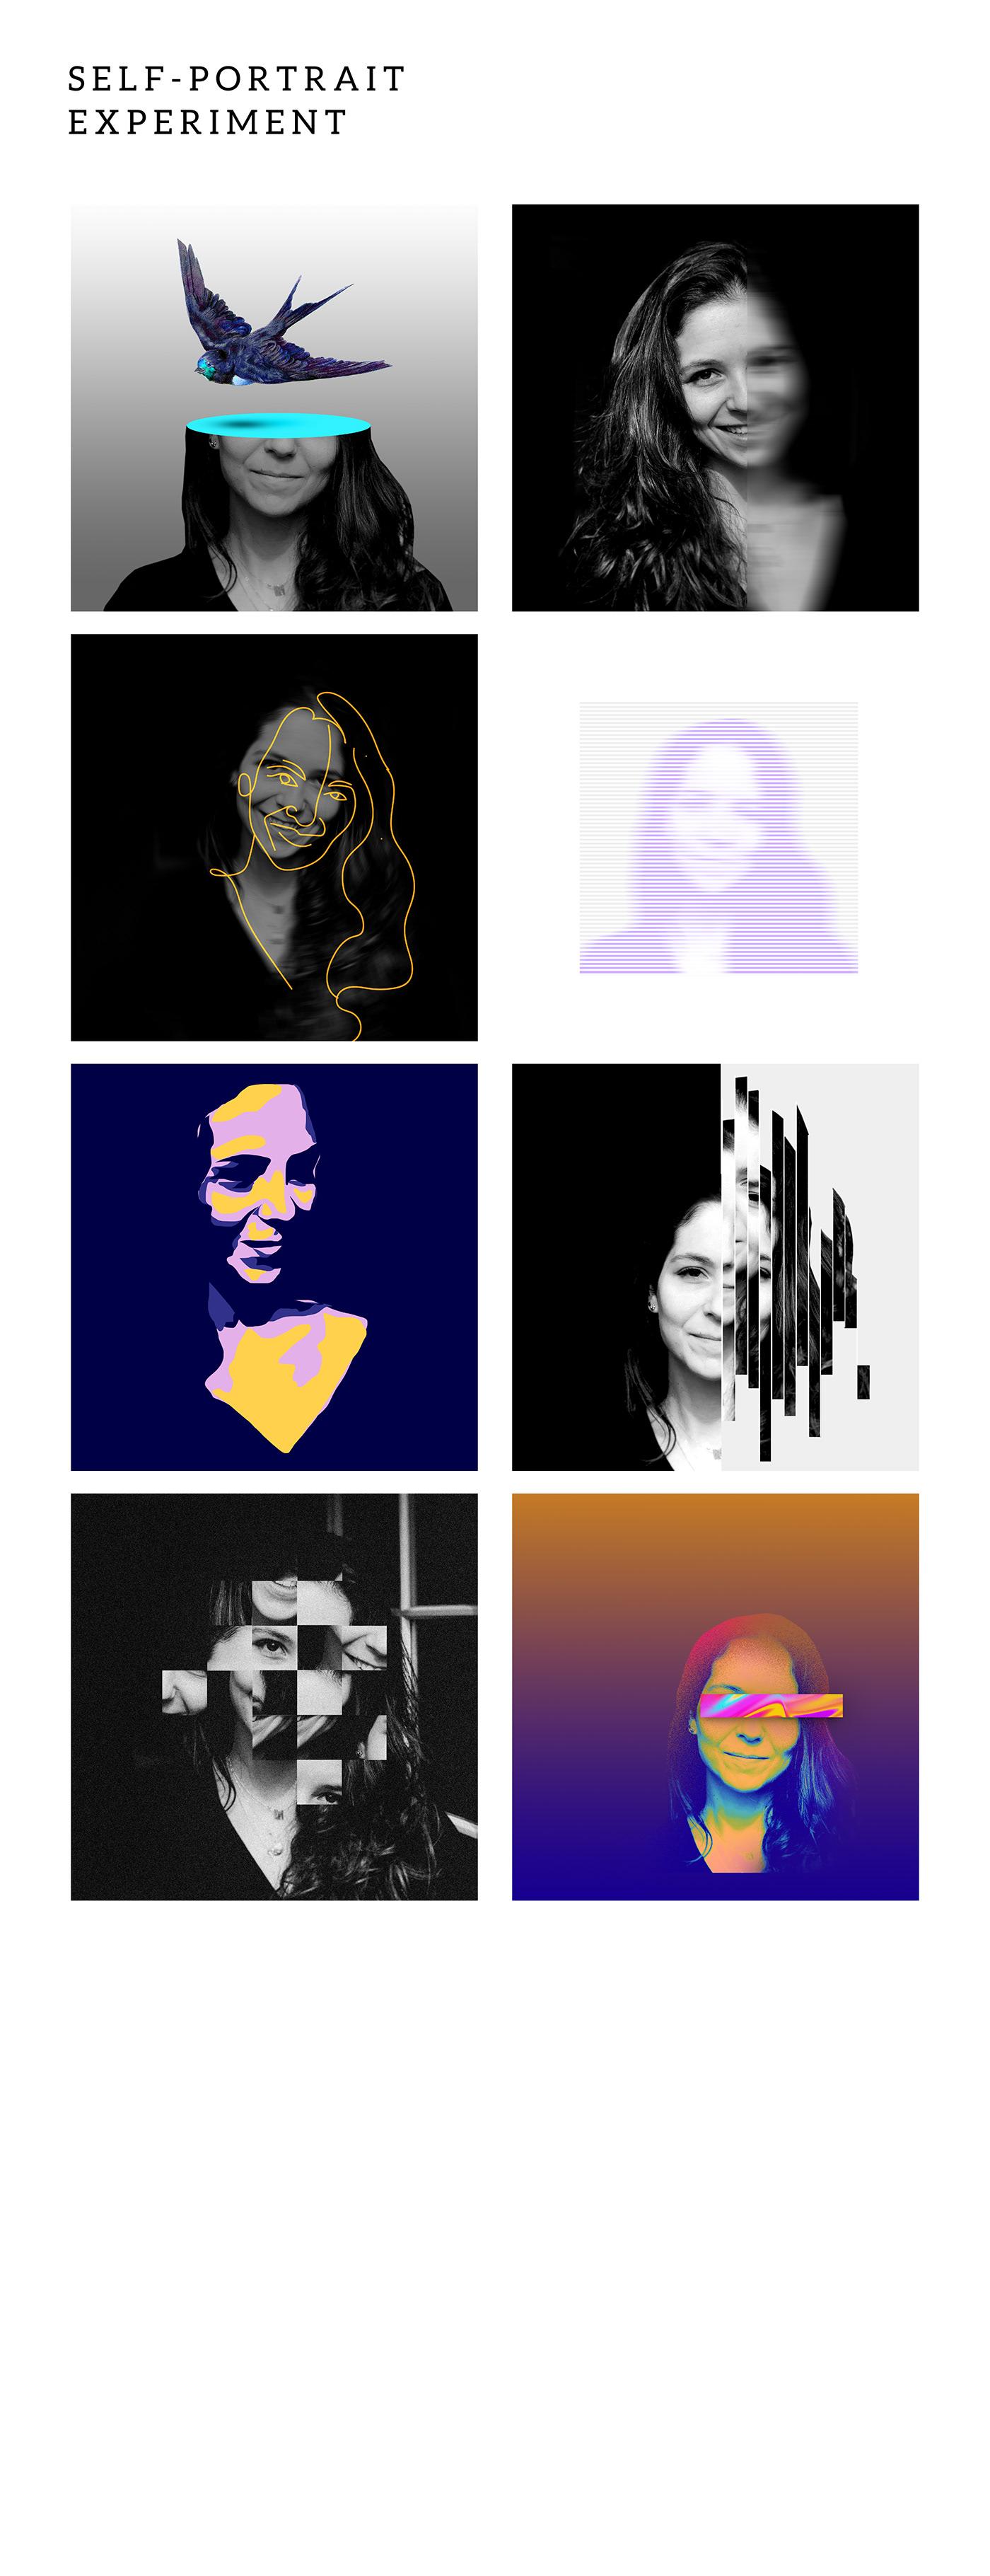 collage design digital graphic Photography  portrait self-portrait